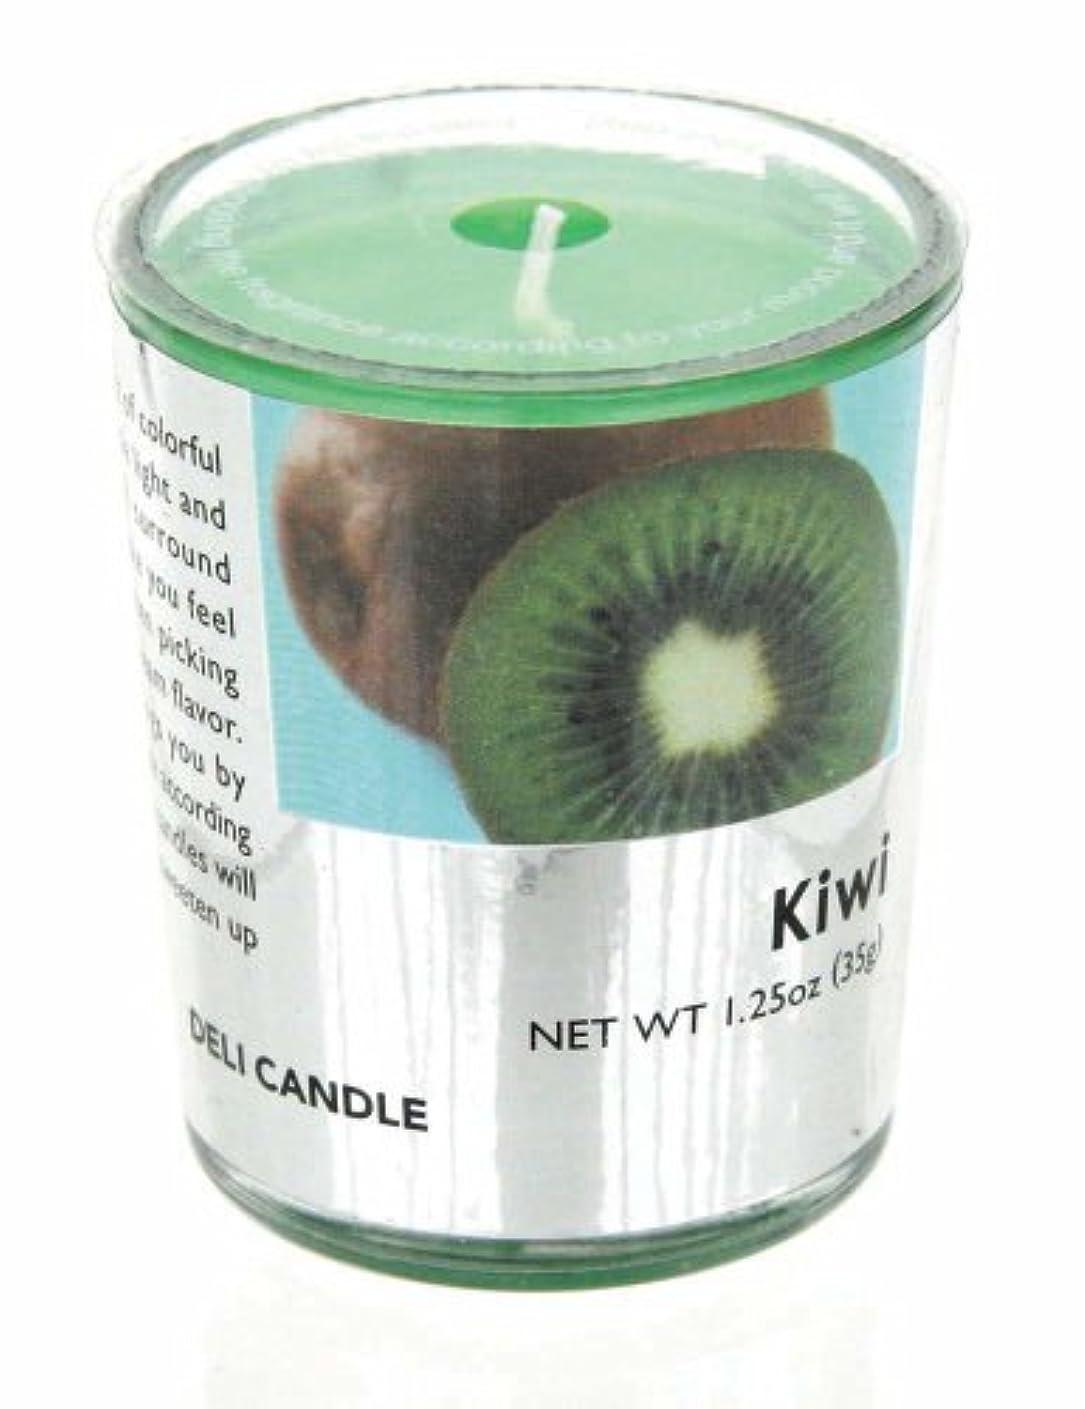 仕方コードレス選出するデリキャンドル キウイ 35g(フルーツの香りのろうそく 燃焼時間約10時間)